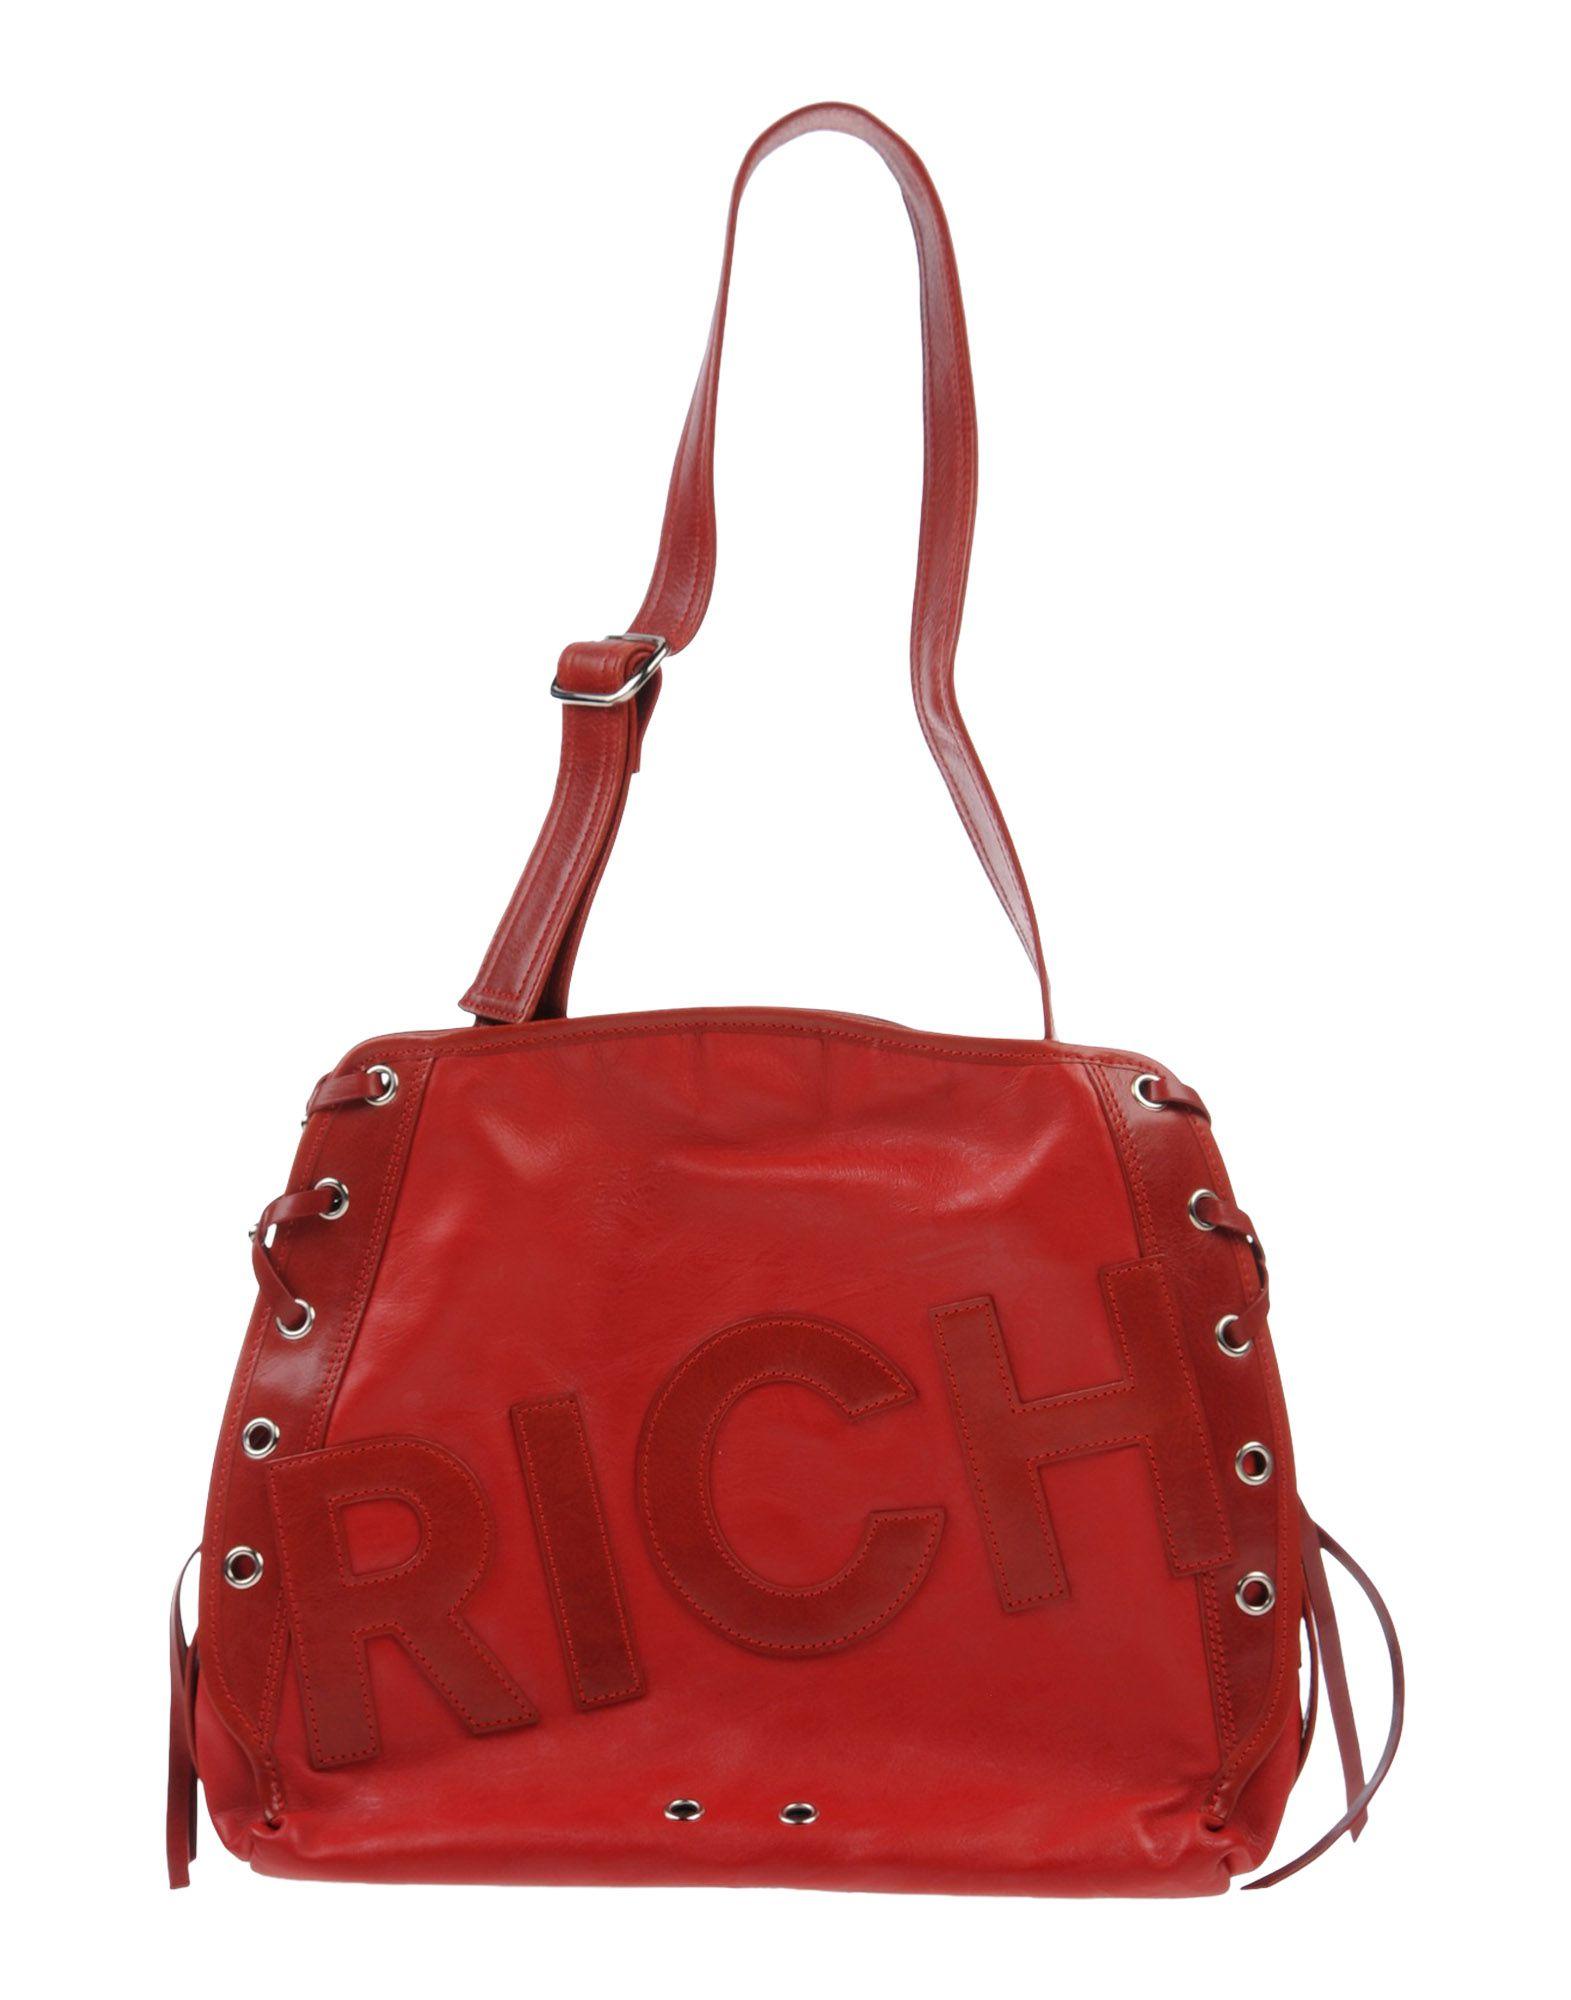 John richmond Shoulder Bag in Red